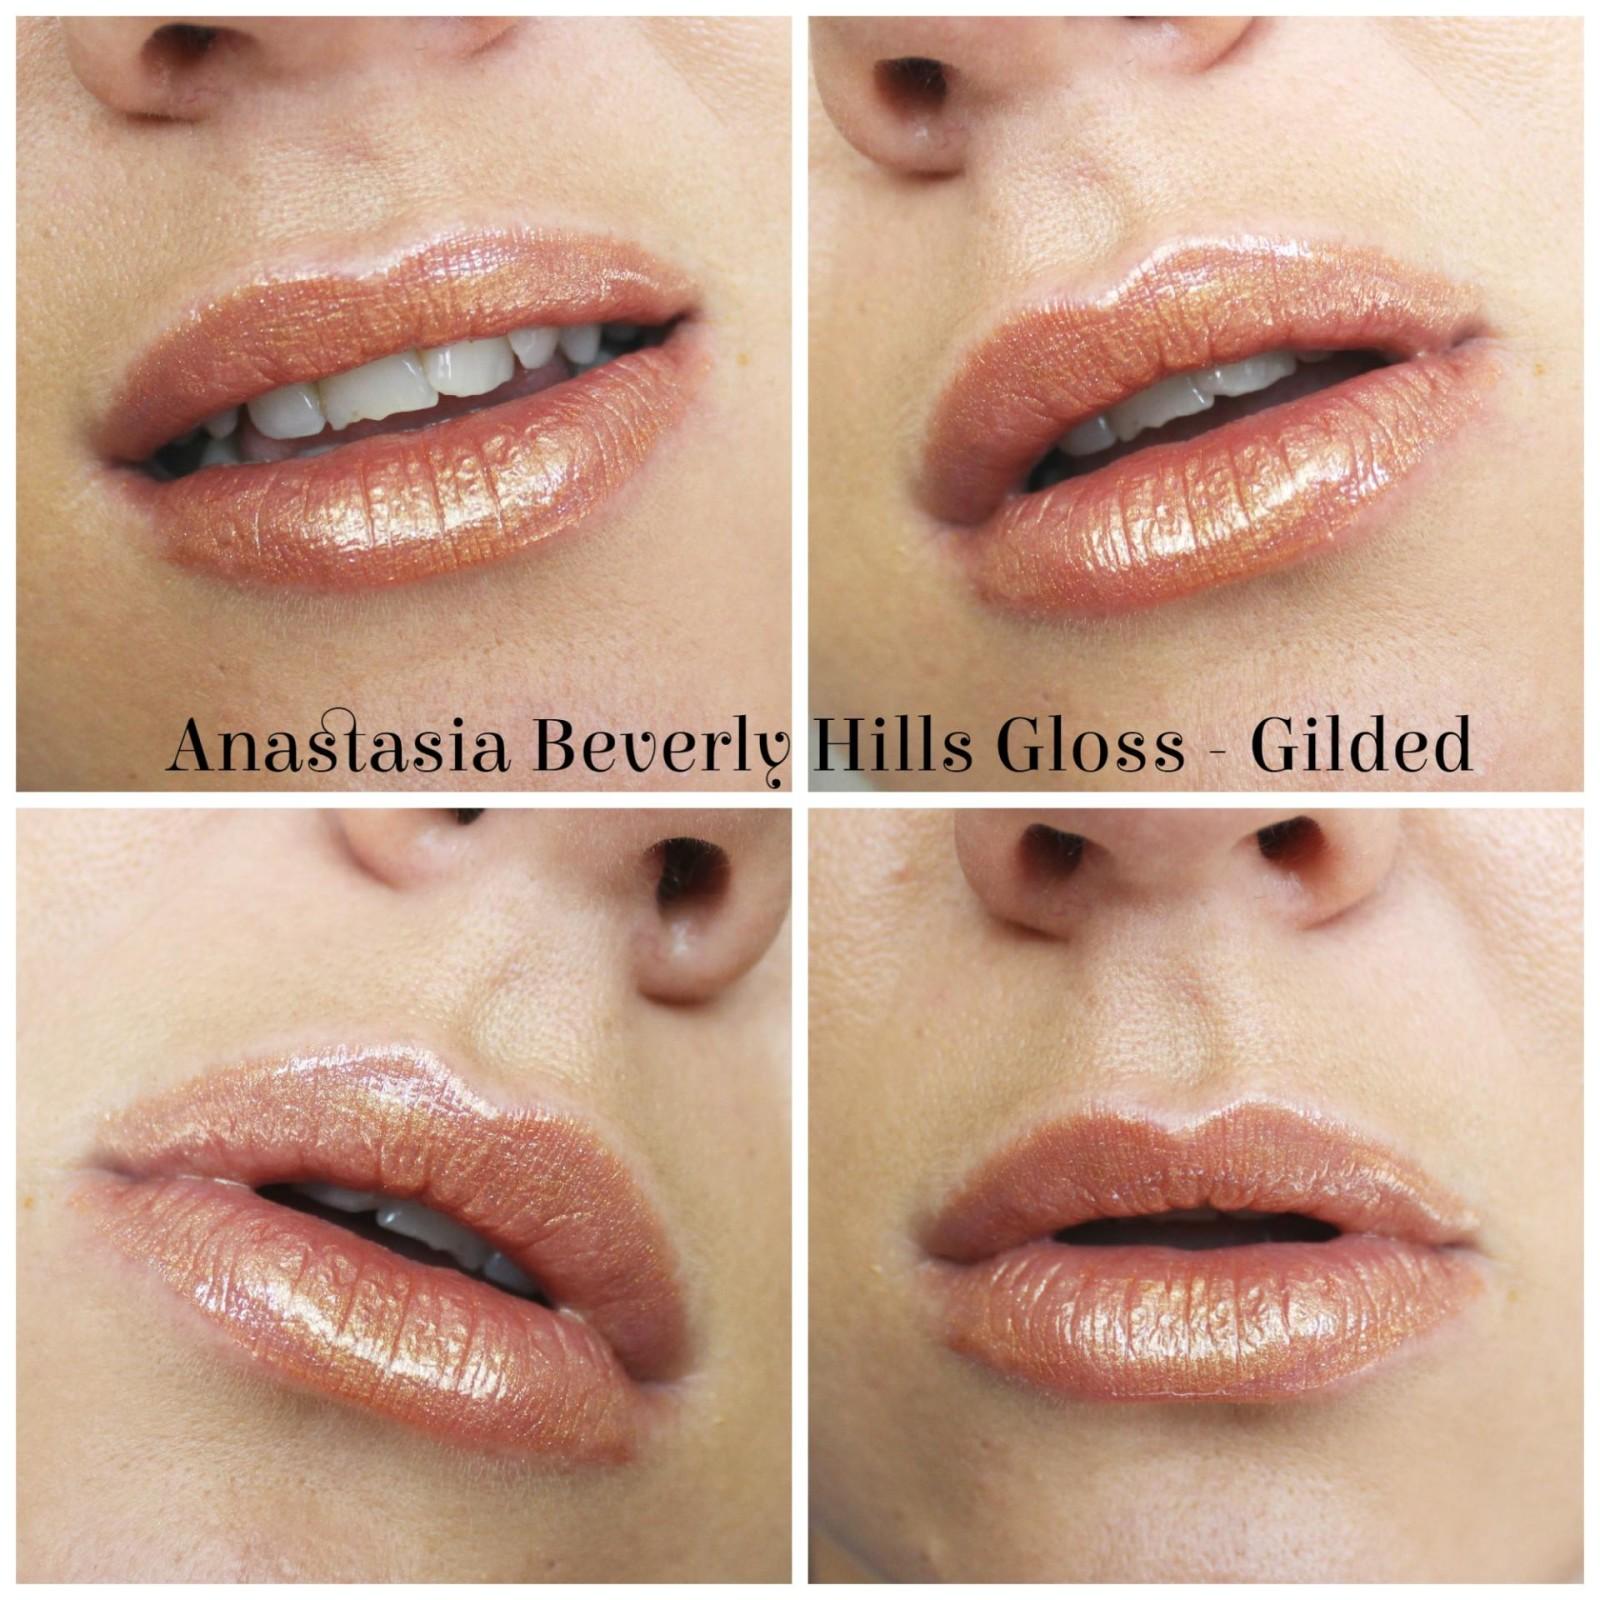 Anastasia Beverly Hills Lustrous Lip Gloss Set Gilded